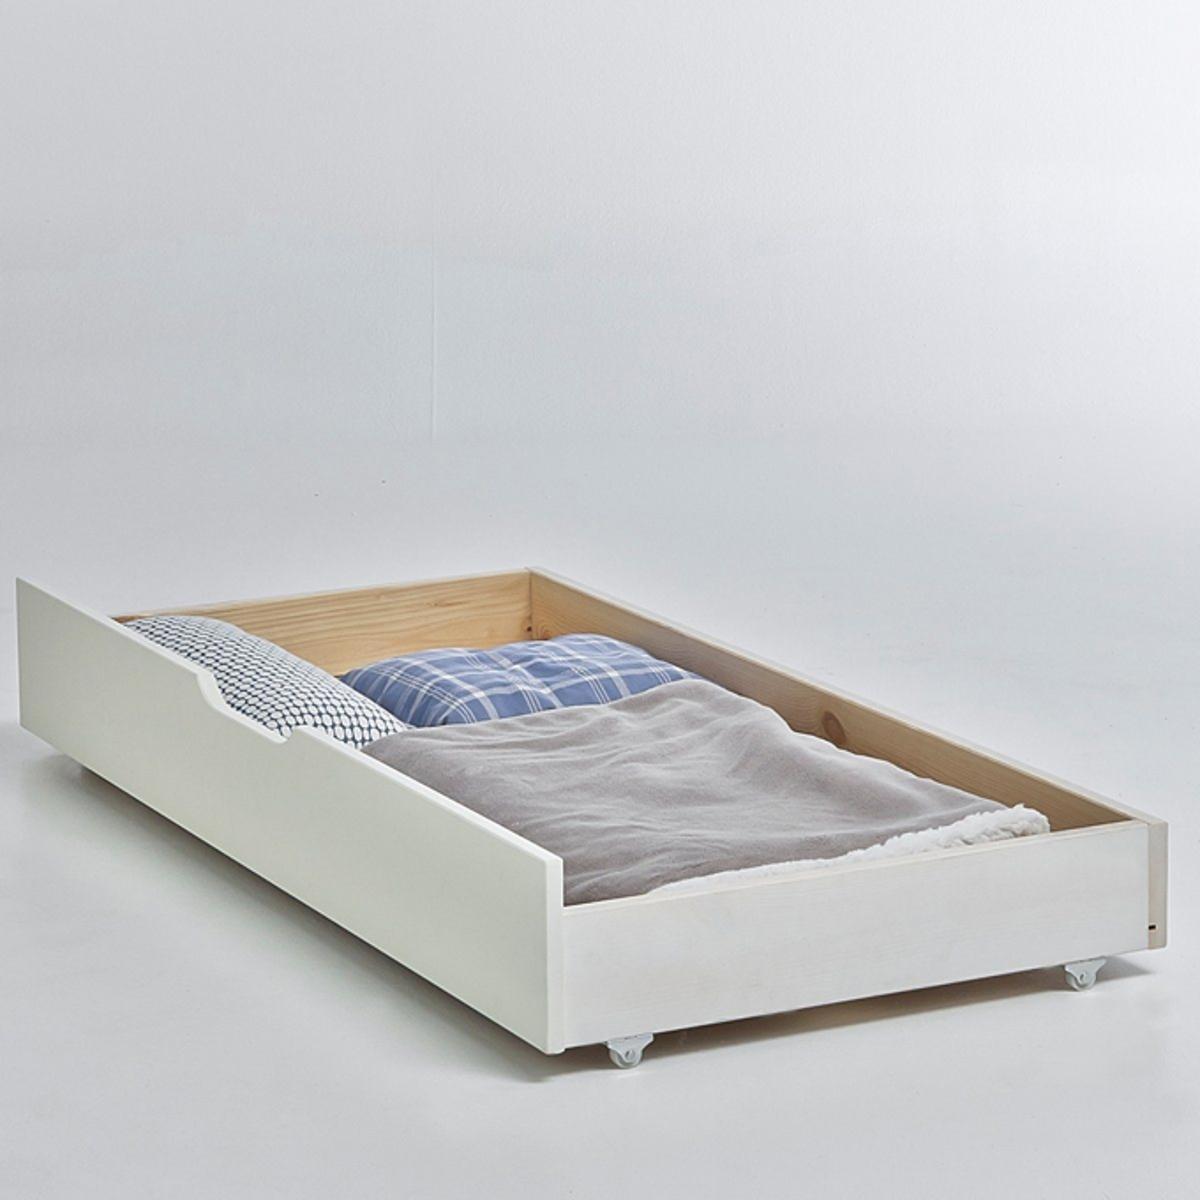 Ящик для хранения под кроватью, ToudouХарактеристики выдвижного ящика Toudou :Сосна, покрытие акриловой краской.Дно ящика из фибролитовой плитыРаздвижную кровать Toudou вы можете найти на сайте laredoute.ruКачество :Вся наша продукция отвечает действующим стандартам безопасности.Размеры выдвижного ящика Toudou :Общие размеры:Длина : 130 смВысота : 18 смГлубина : 62 смРазмер и вес с упаковкой :1 упаковкаШ.146 x В.6 x Г.32 см9 кгДоставка:Товар продается в разобранном виде.Возможна доставка до двери по предварительной договоренности.Внимание! Убедитесь, что возможно осуществить доставку товара, учитывая его габариты (проходит в дверные проемы, лестничные проходы, лифты).Сервис LaRedoute:Возврат и обмен возможны в течение 2х недель с момента доставки.C 1 мая 2013 года мы являемся участниками экологических мероприятий по утилизации использованной мебели. Сумма с продажи будет полностью пожертвована Эко-Мебель, утвержденному органу, посвященному разработке решений по переработке и восстановлению используемой мебели.<br><br>Цвет: белый,светлое дерево,серый